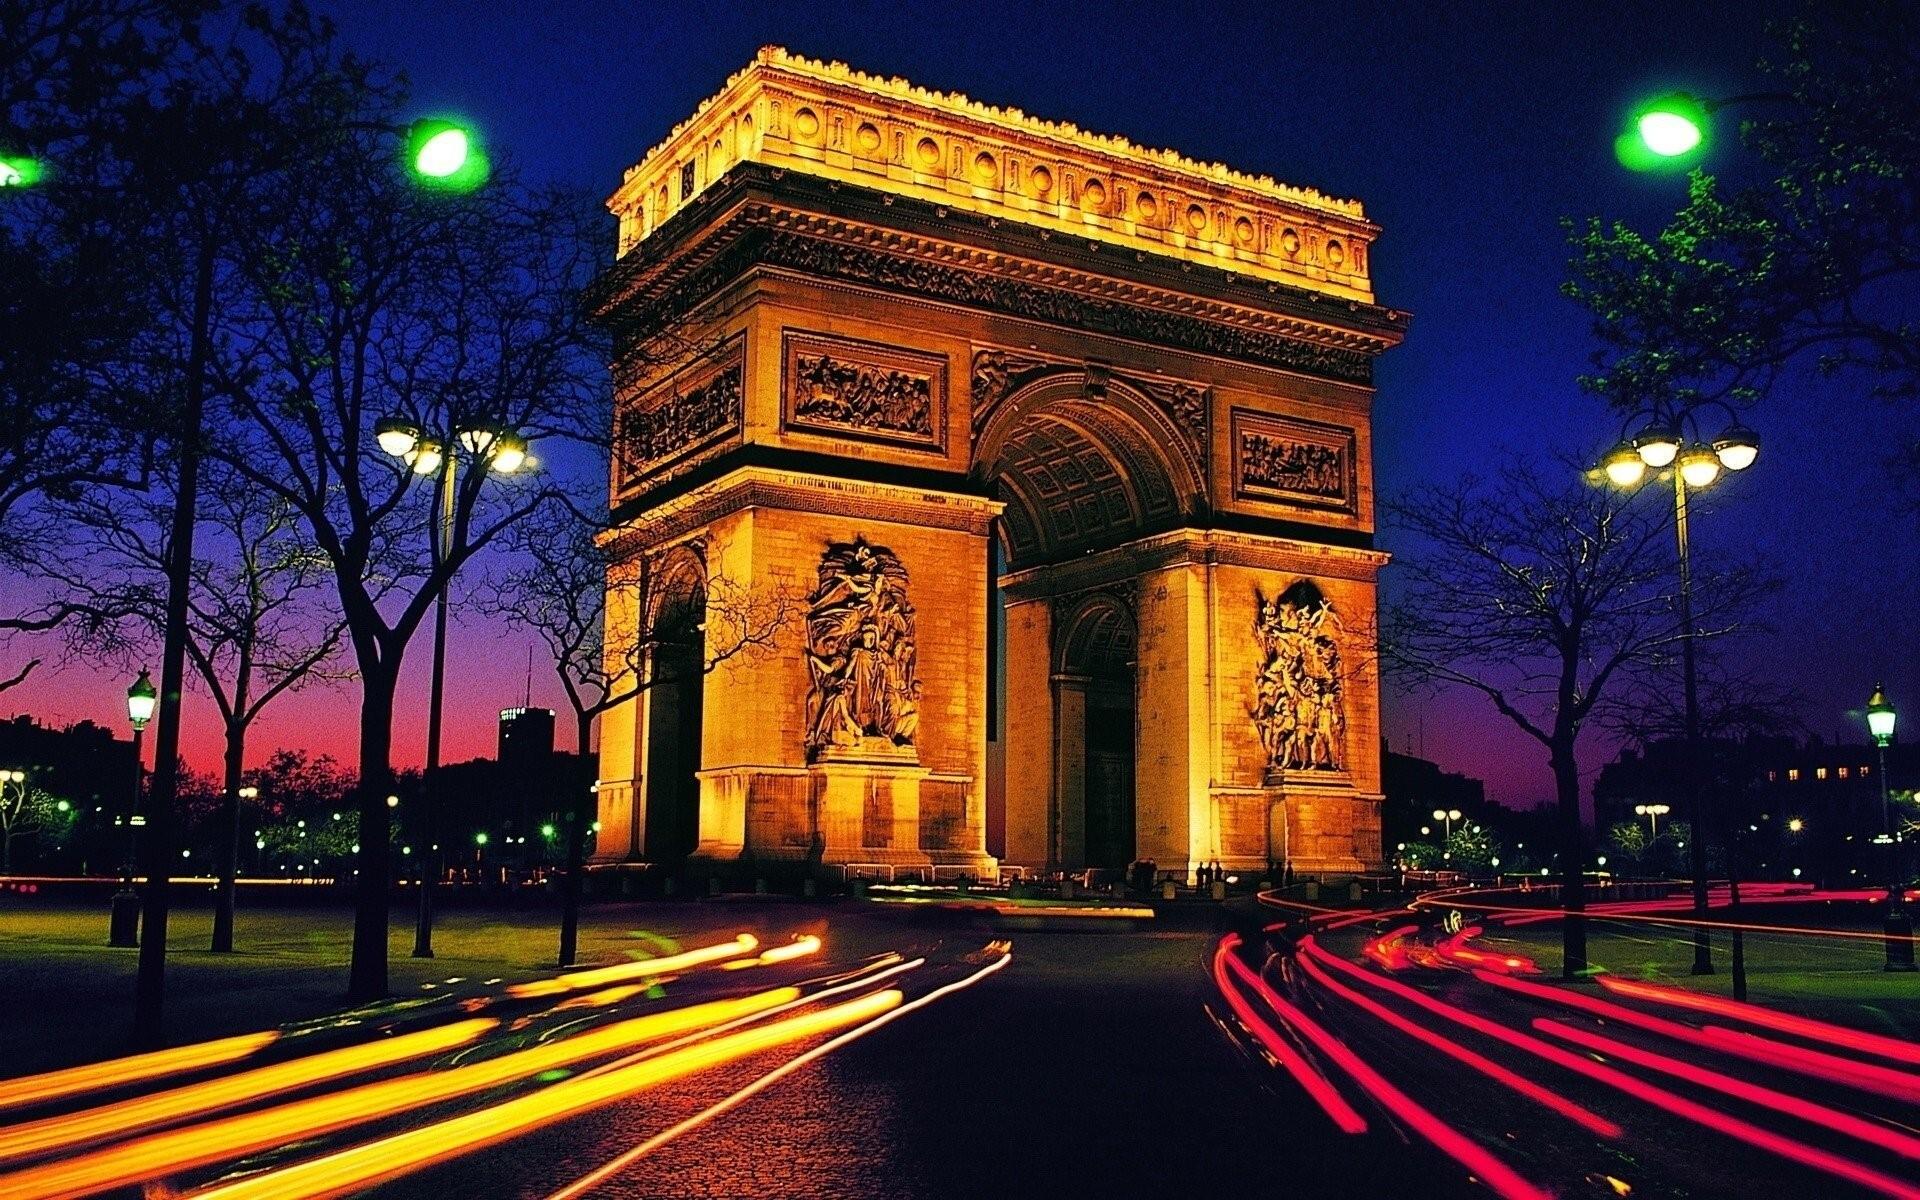 arc de triomphe at night tourist place in paris france wallpaper